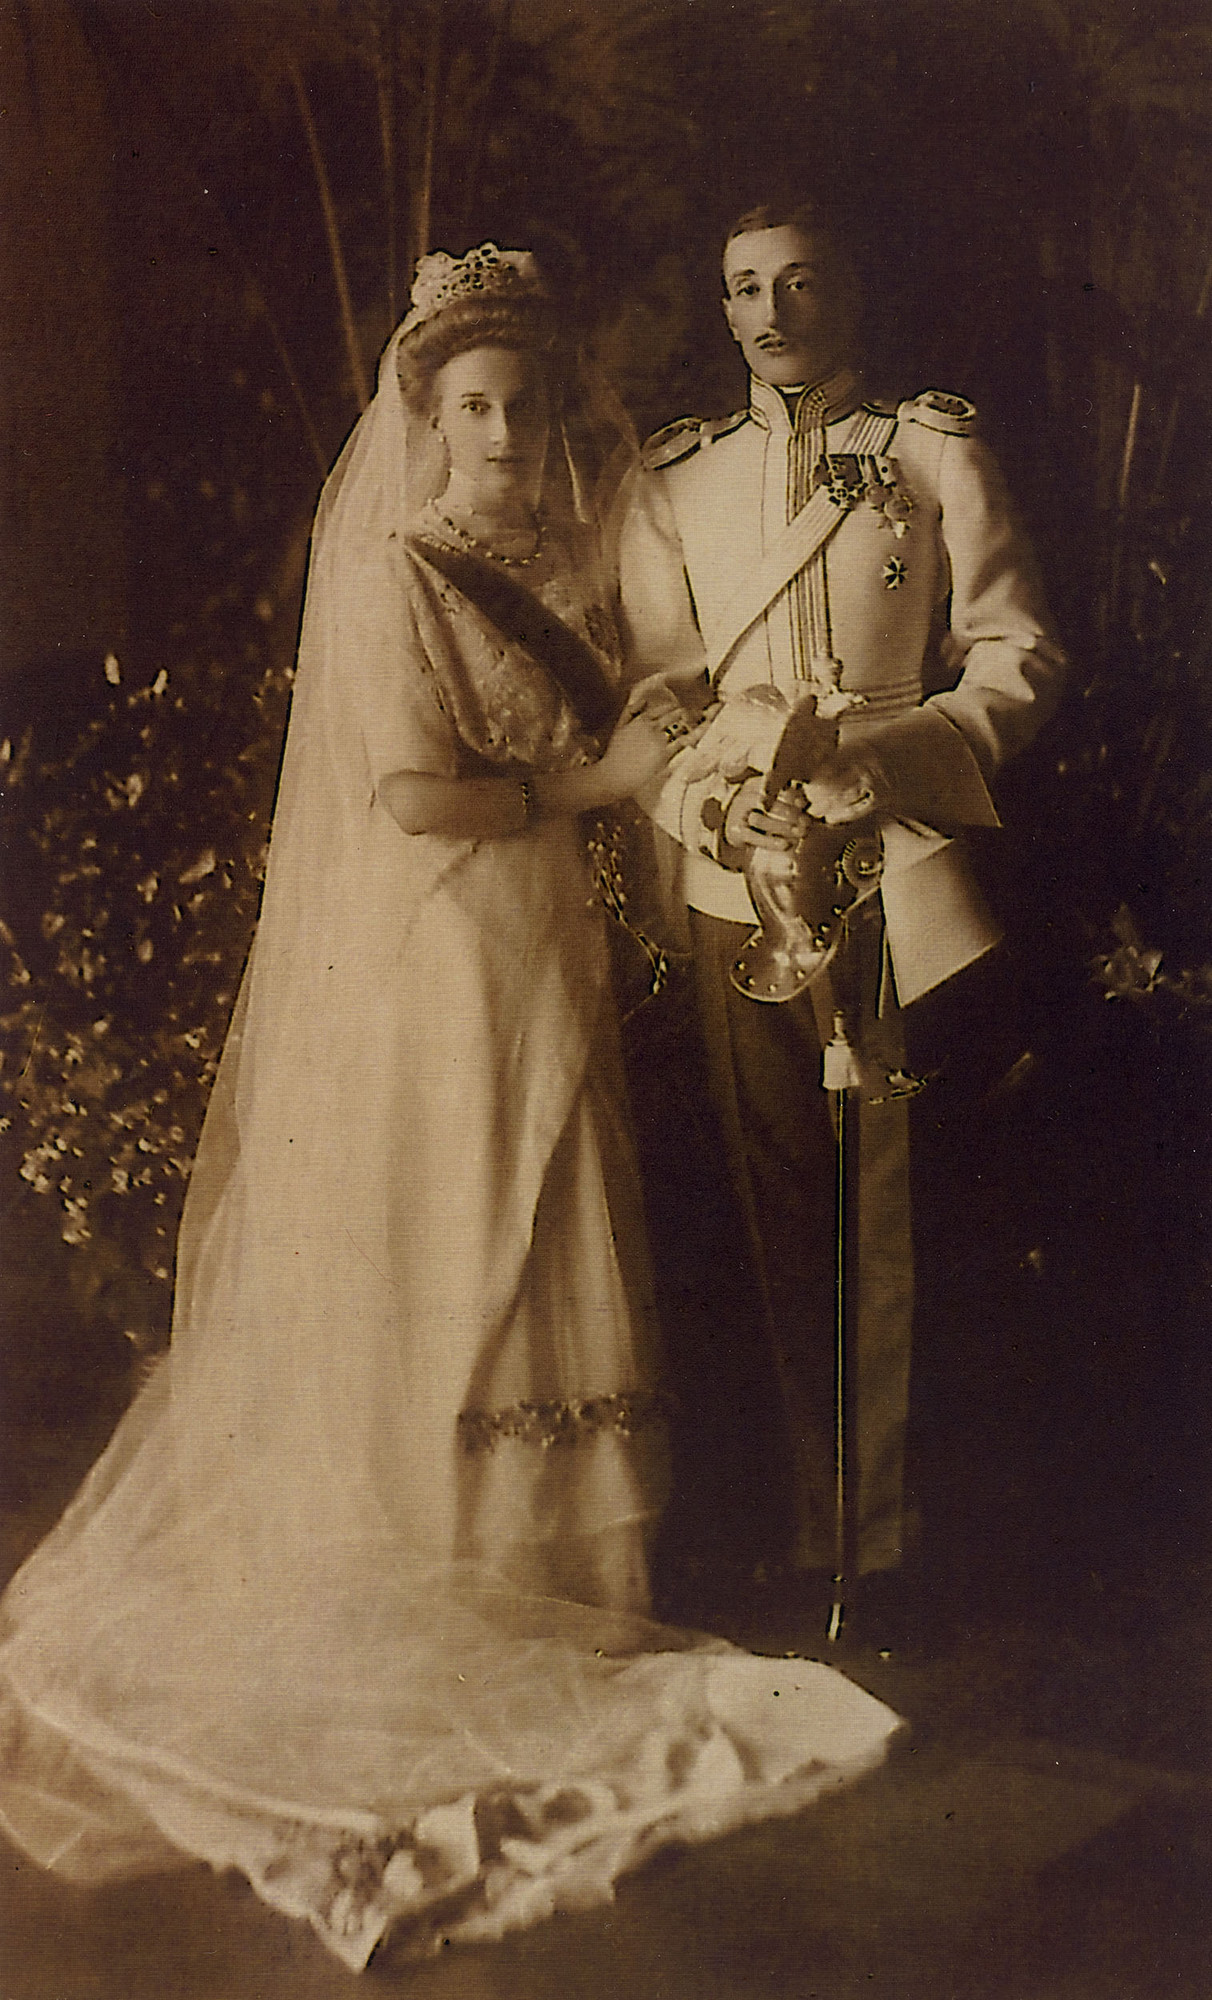 Una foto di matrimonio del principe georgiano Konstantine Bagration di Mukhrani e della principessa Tatiana Konstantinovna